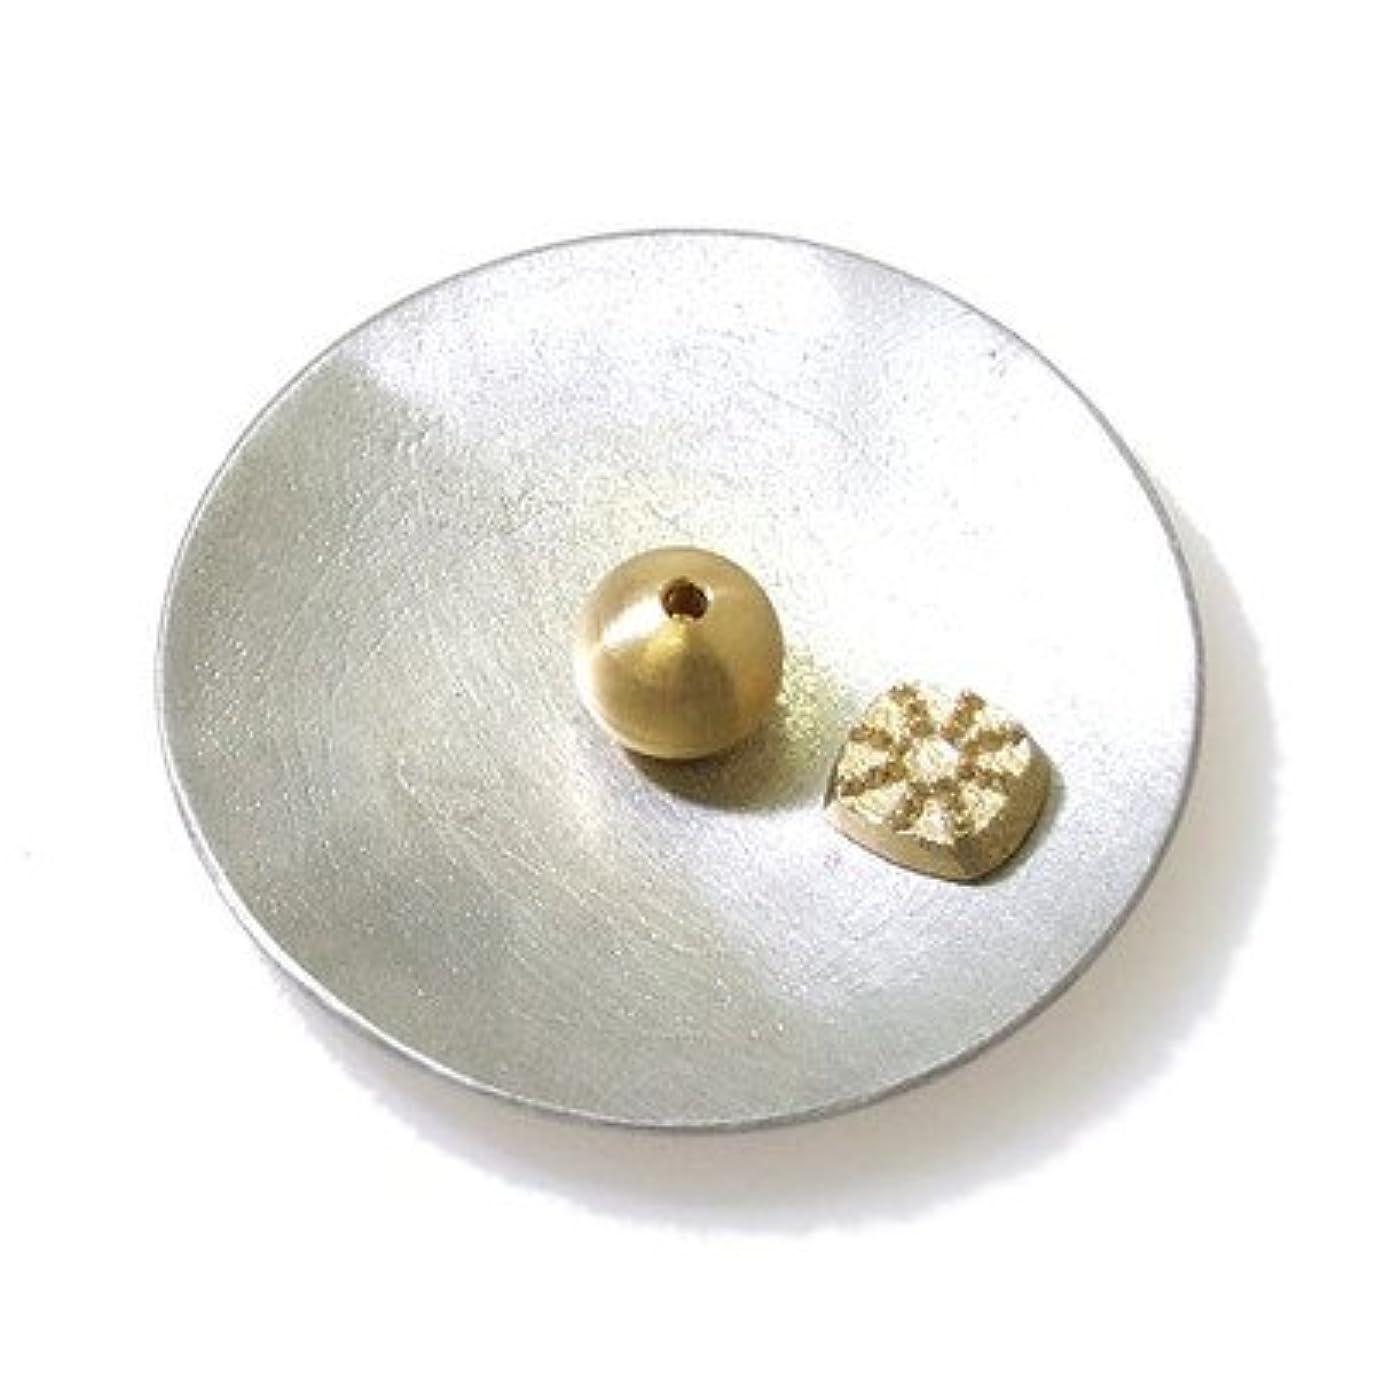 パイ免除差別的能作 (のうさく) 香の器セット-丸- 錫